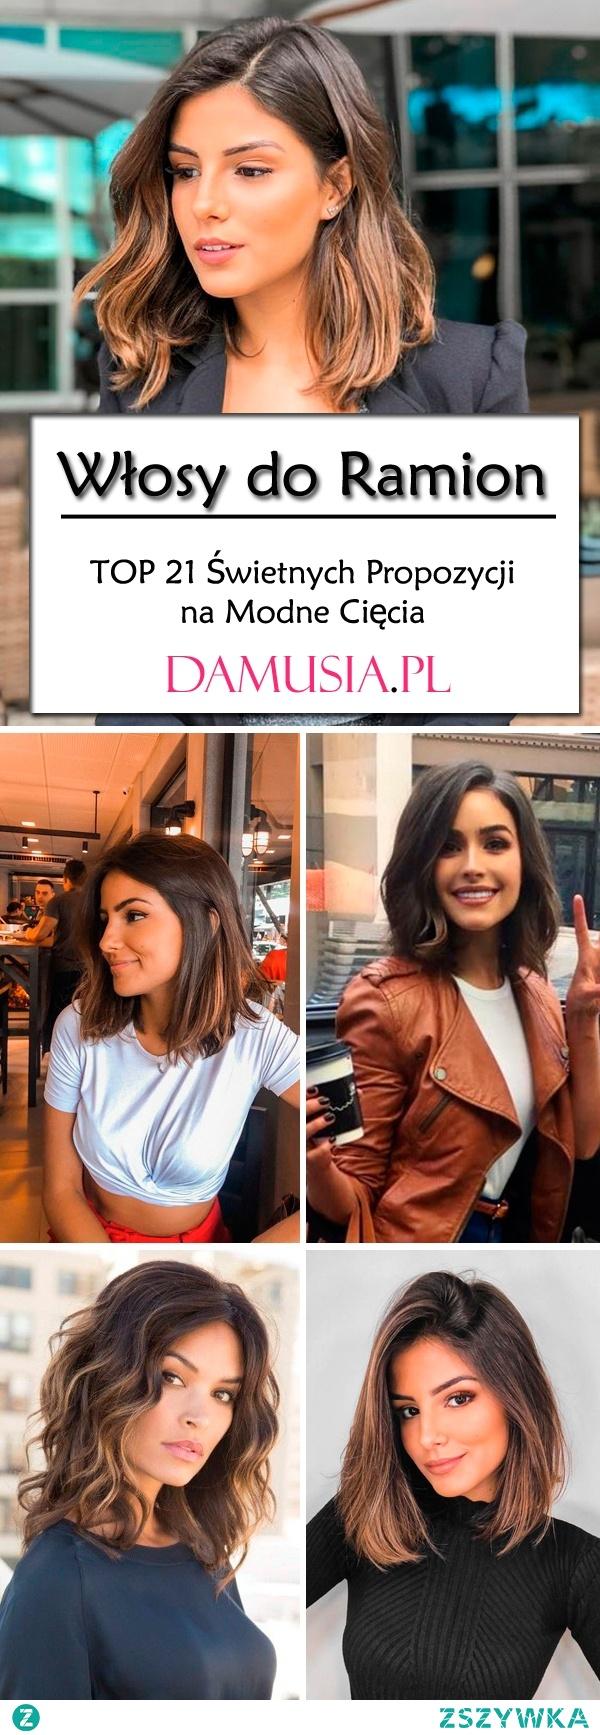 Modne Cięcia do Ramion – TOP 21 Świetnych Propozycji na Modne Włosy do Ramion